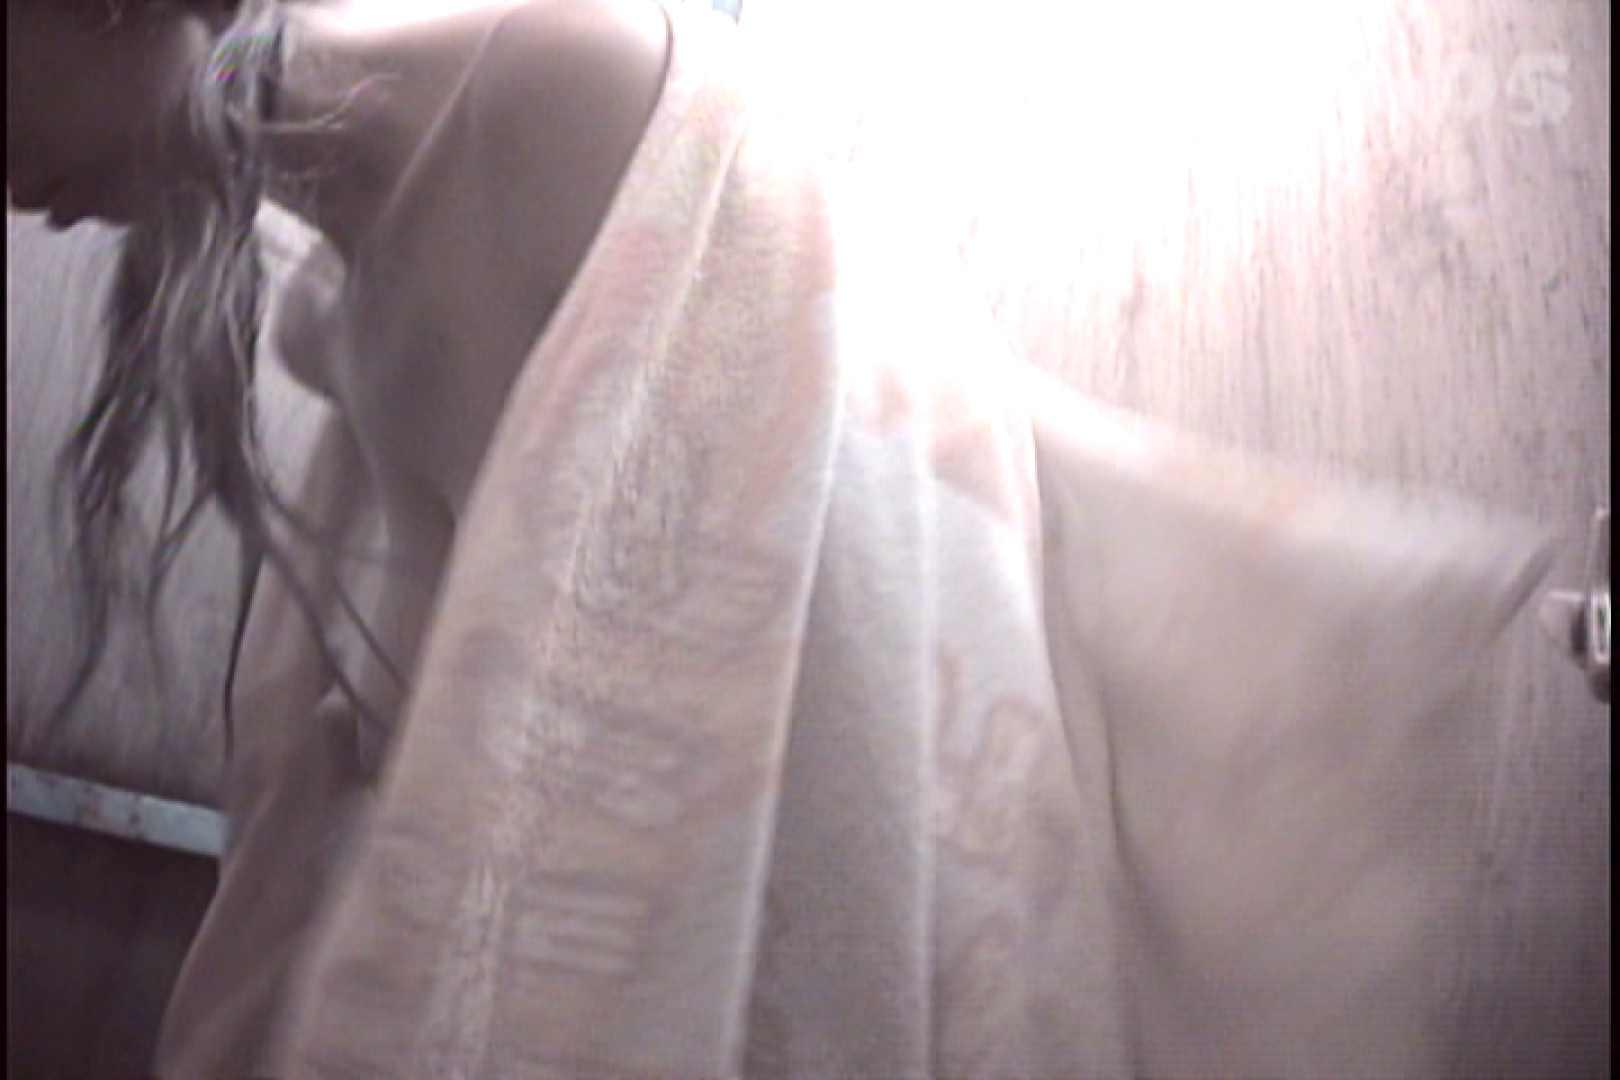 File.37 収穫の秋、こんなの取れました。必見です!【2011年20位】 美しいOLの裸体 おまんこ無修正動画無料 92pic 30